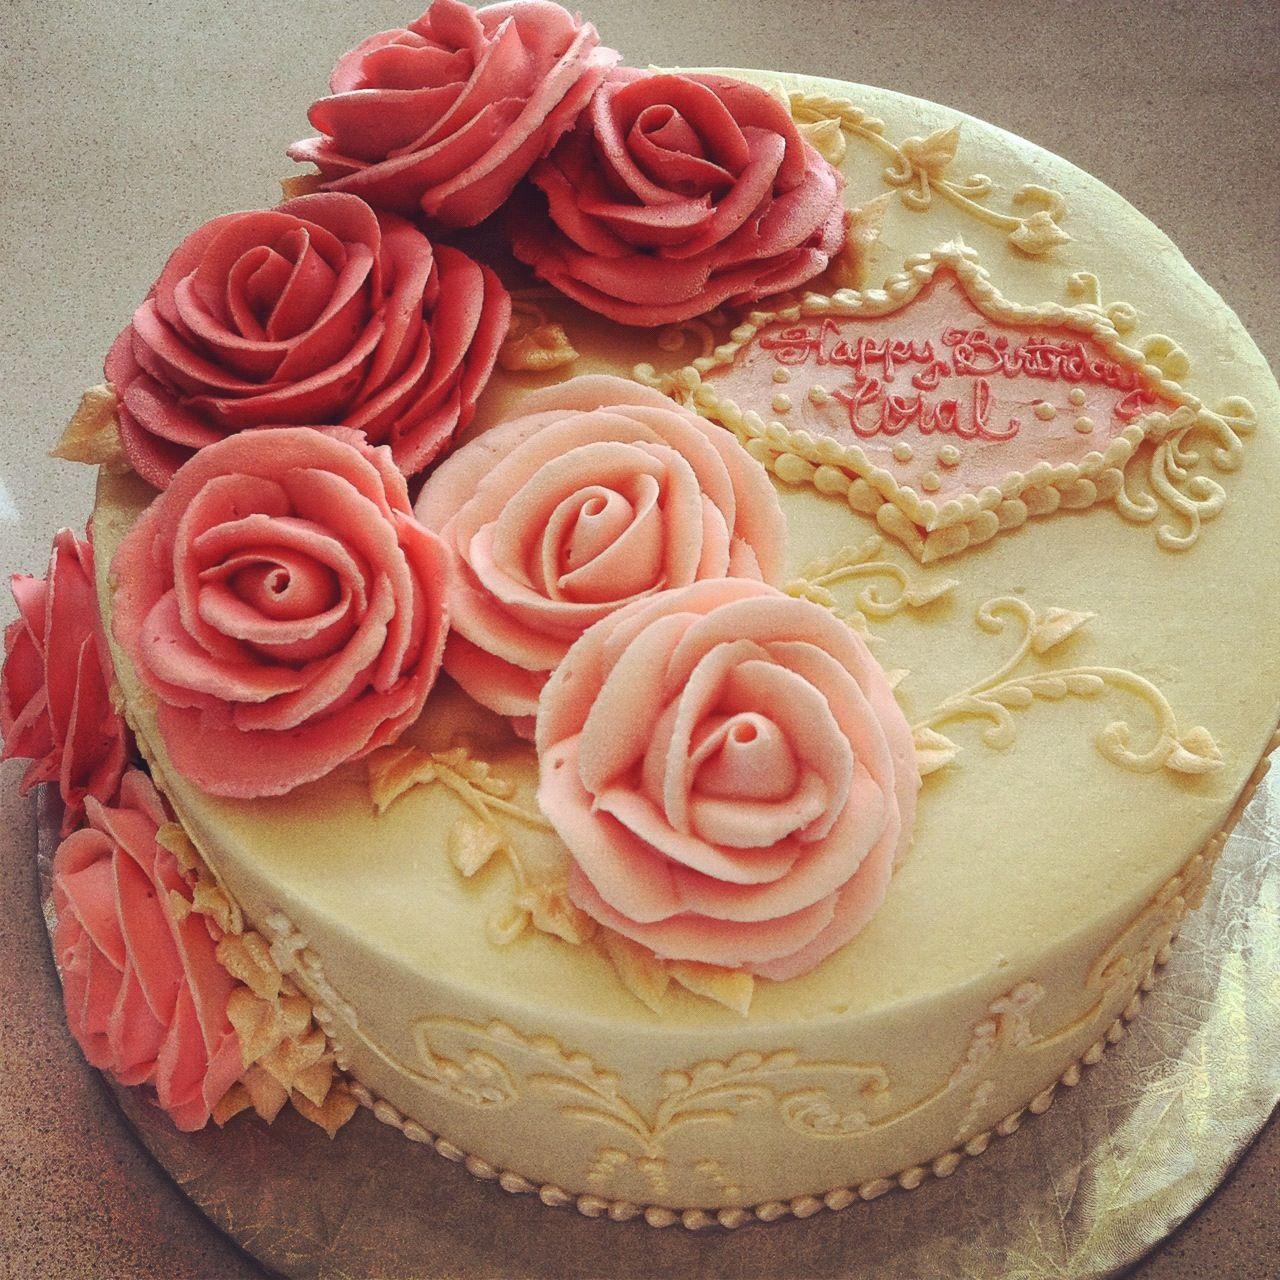 Rose buttercream birthday cake My Cakes Pinterest ...